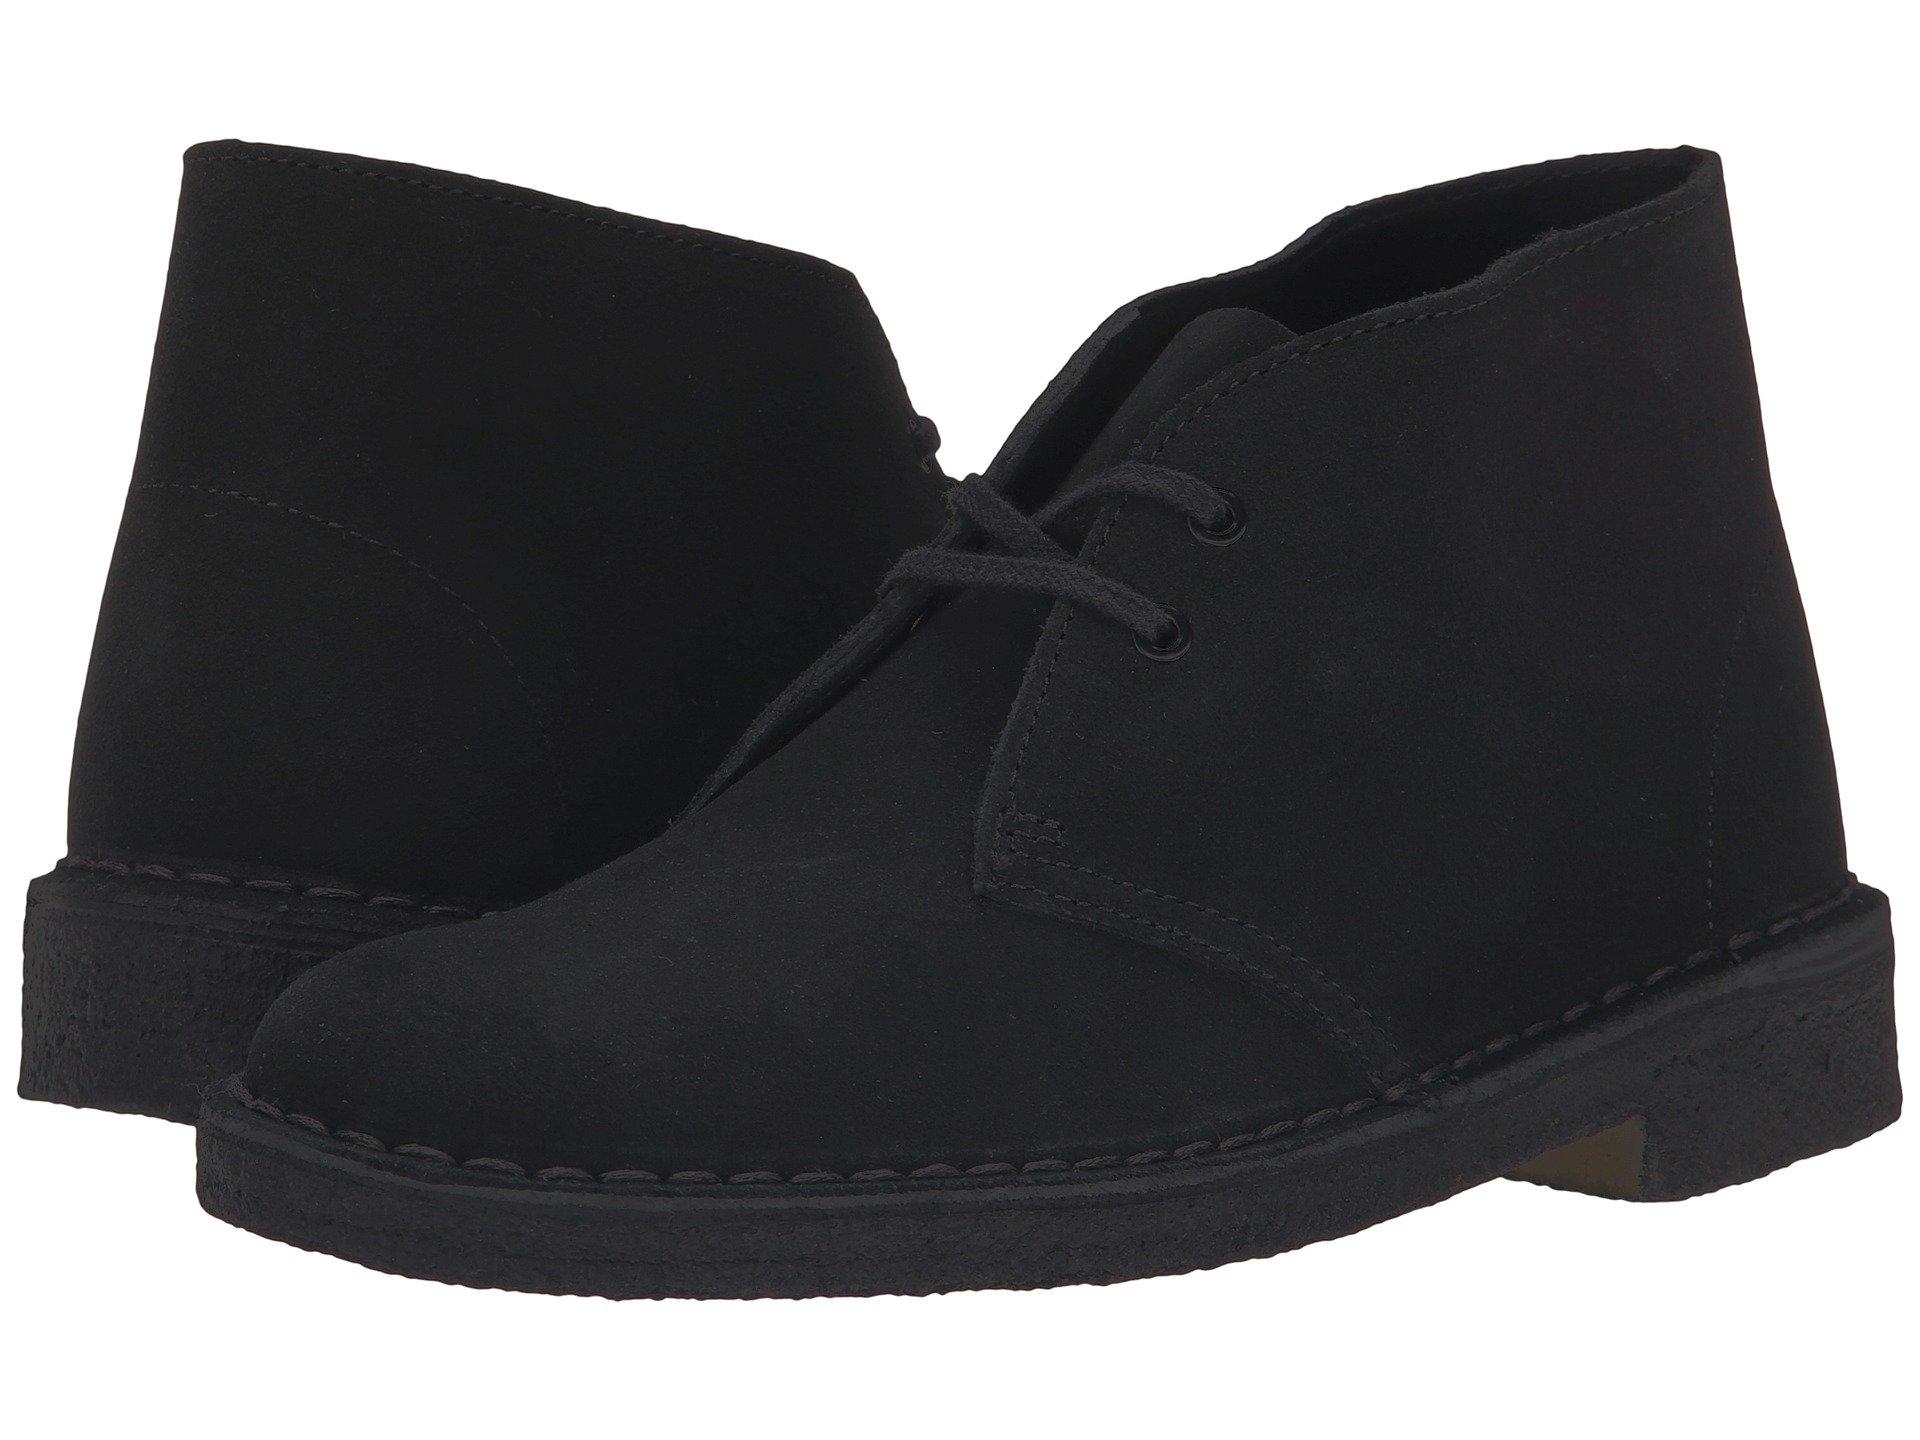 Clarks Black Clarks Desert Boot Desert Clarks Desert Black Boot 1n4qU